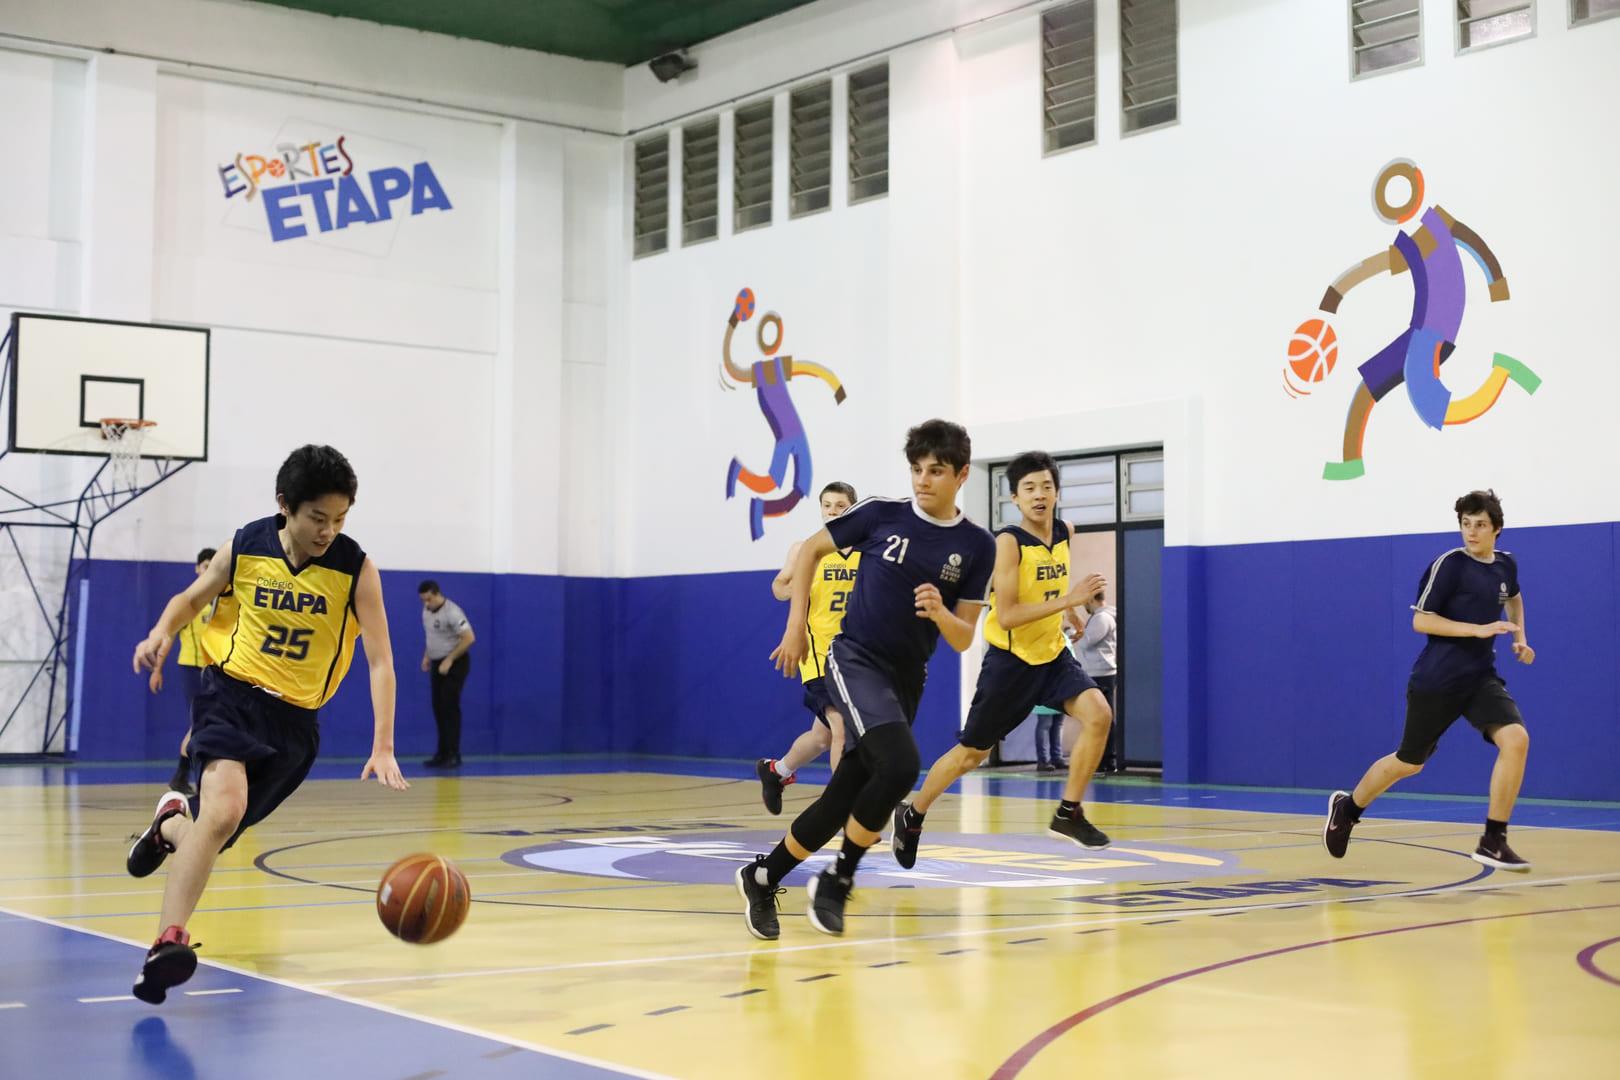 Basquete foi uma das modalidades da Copa Etapa 2018.